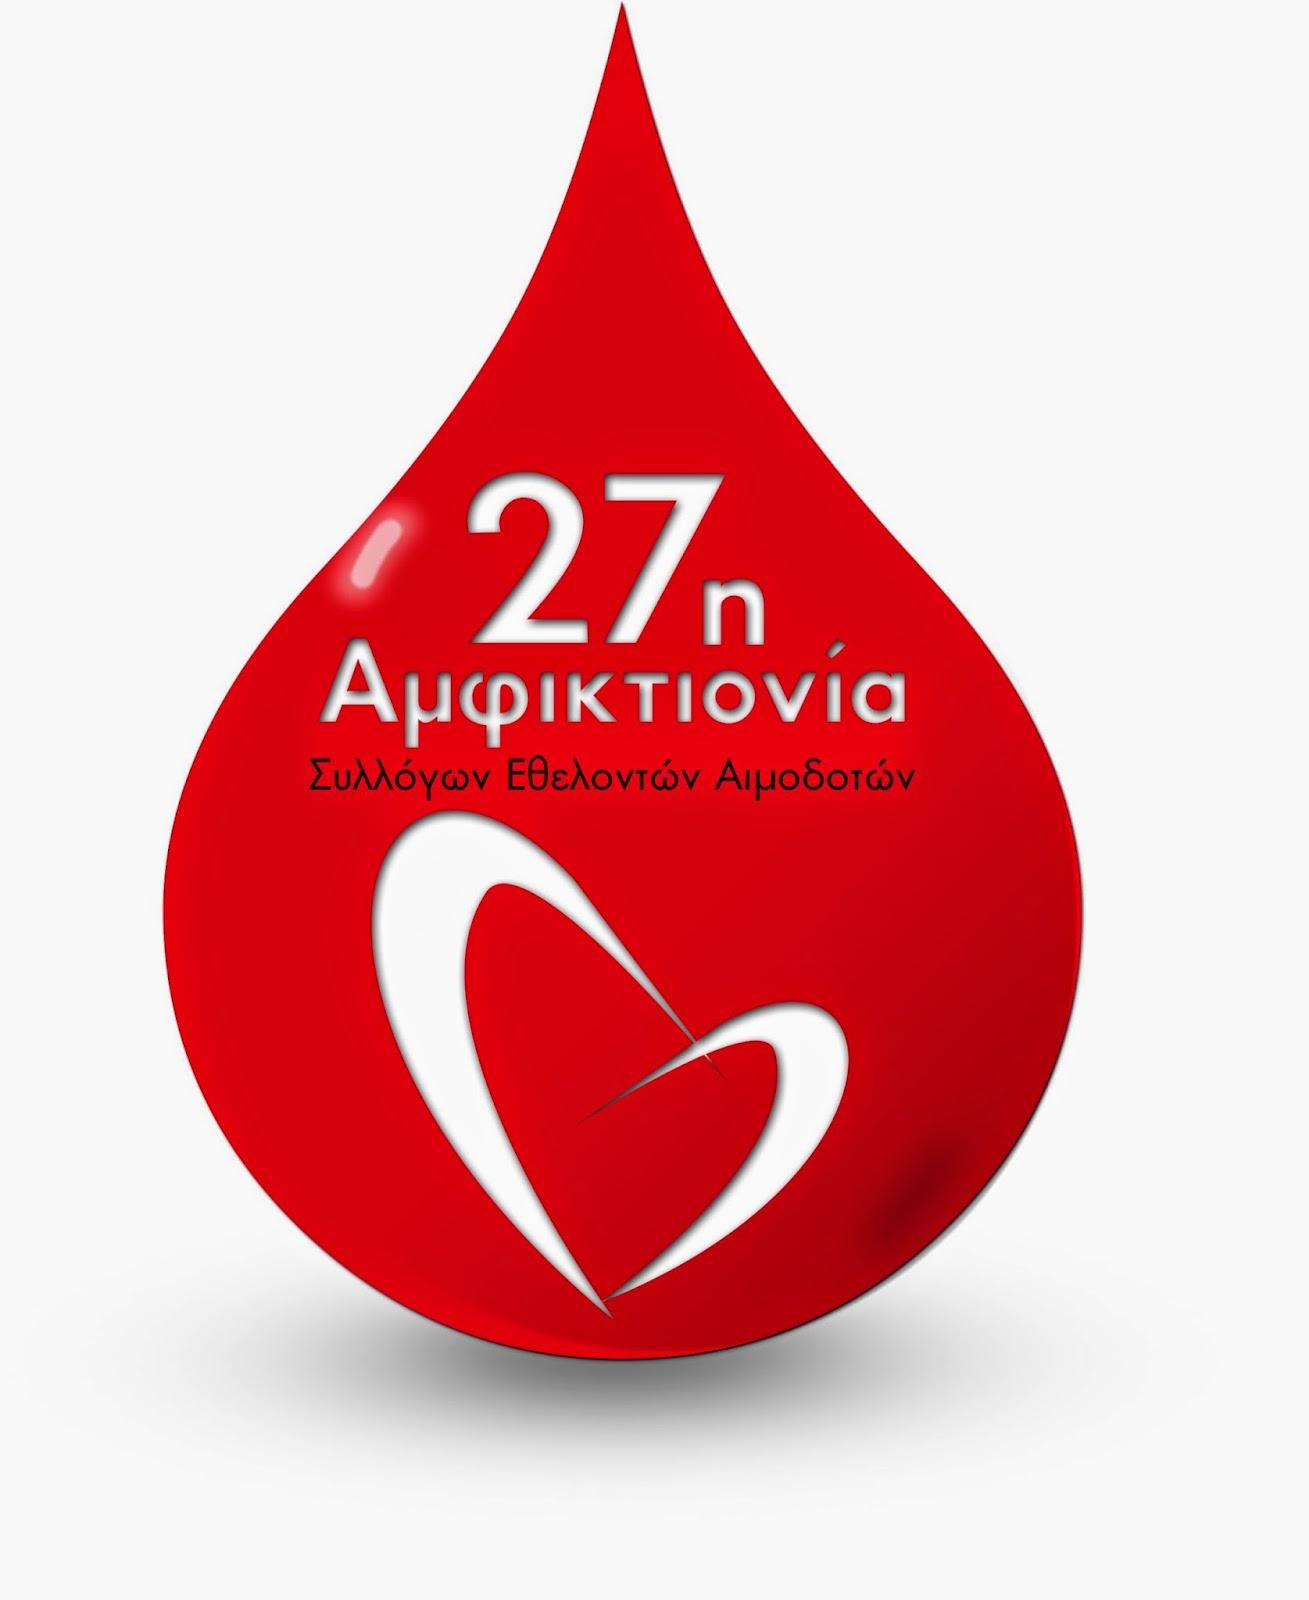 Γέφυρα Ζωής - 12η Λαμπαδηδρομία - 27η Αμφικτιονία - Πανελλήνιο συνέδριο συλλόγων Εθελοντών Αιμοδοτών